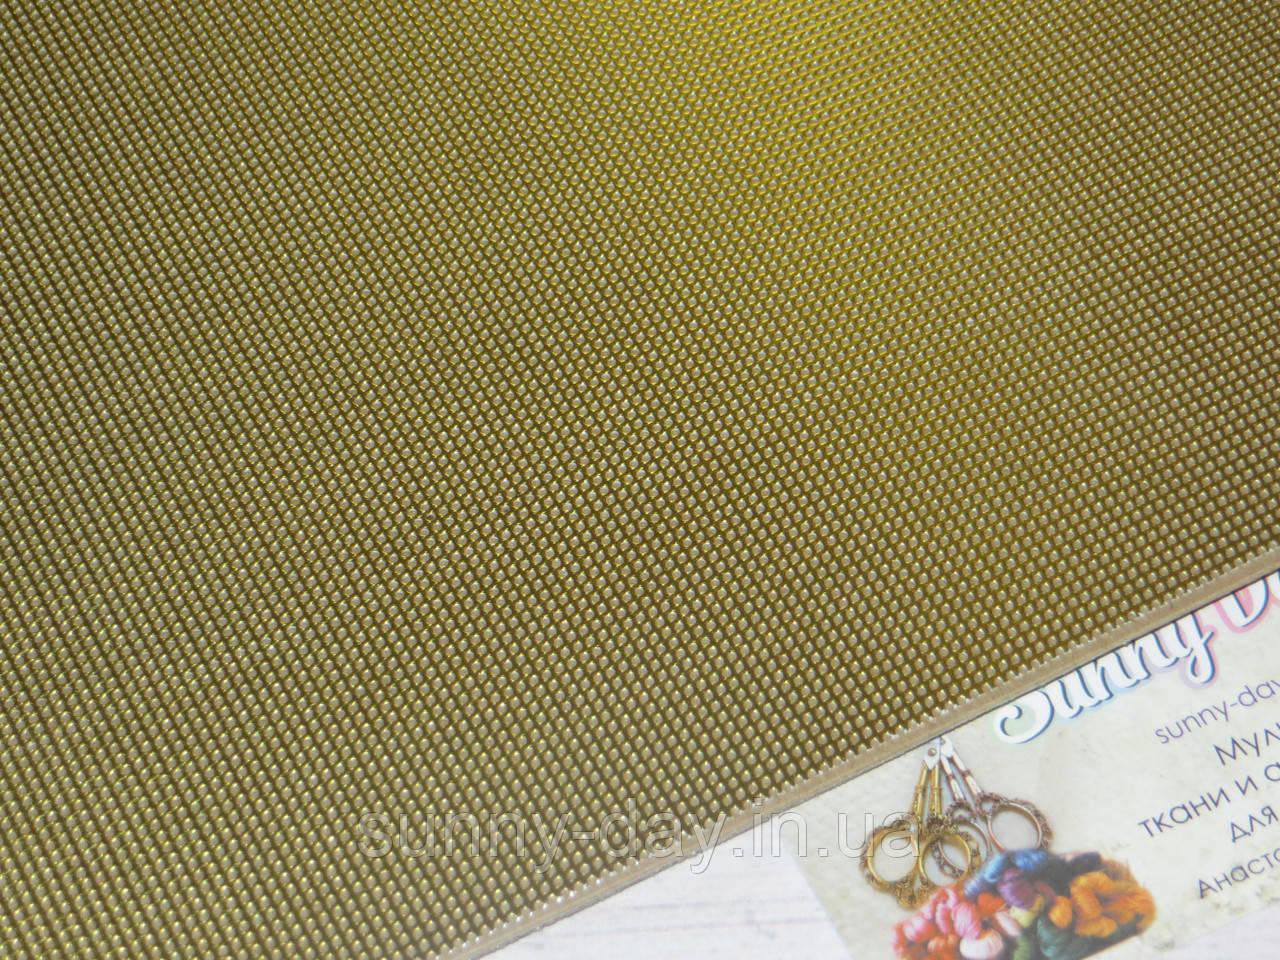 Перфорированная бумага для вышивки Mill Hill, цвет - золотой металлик